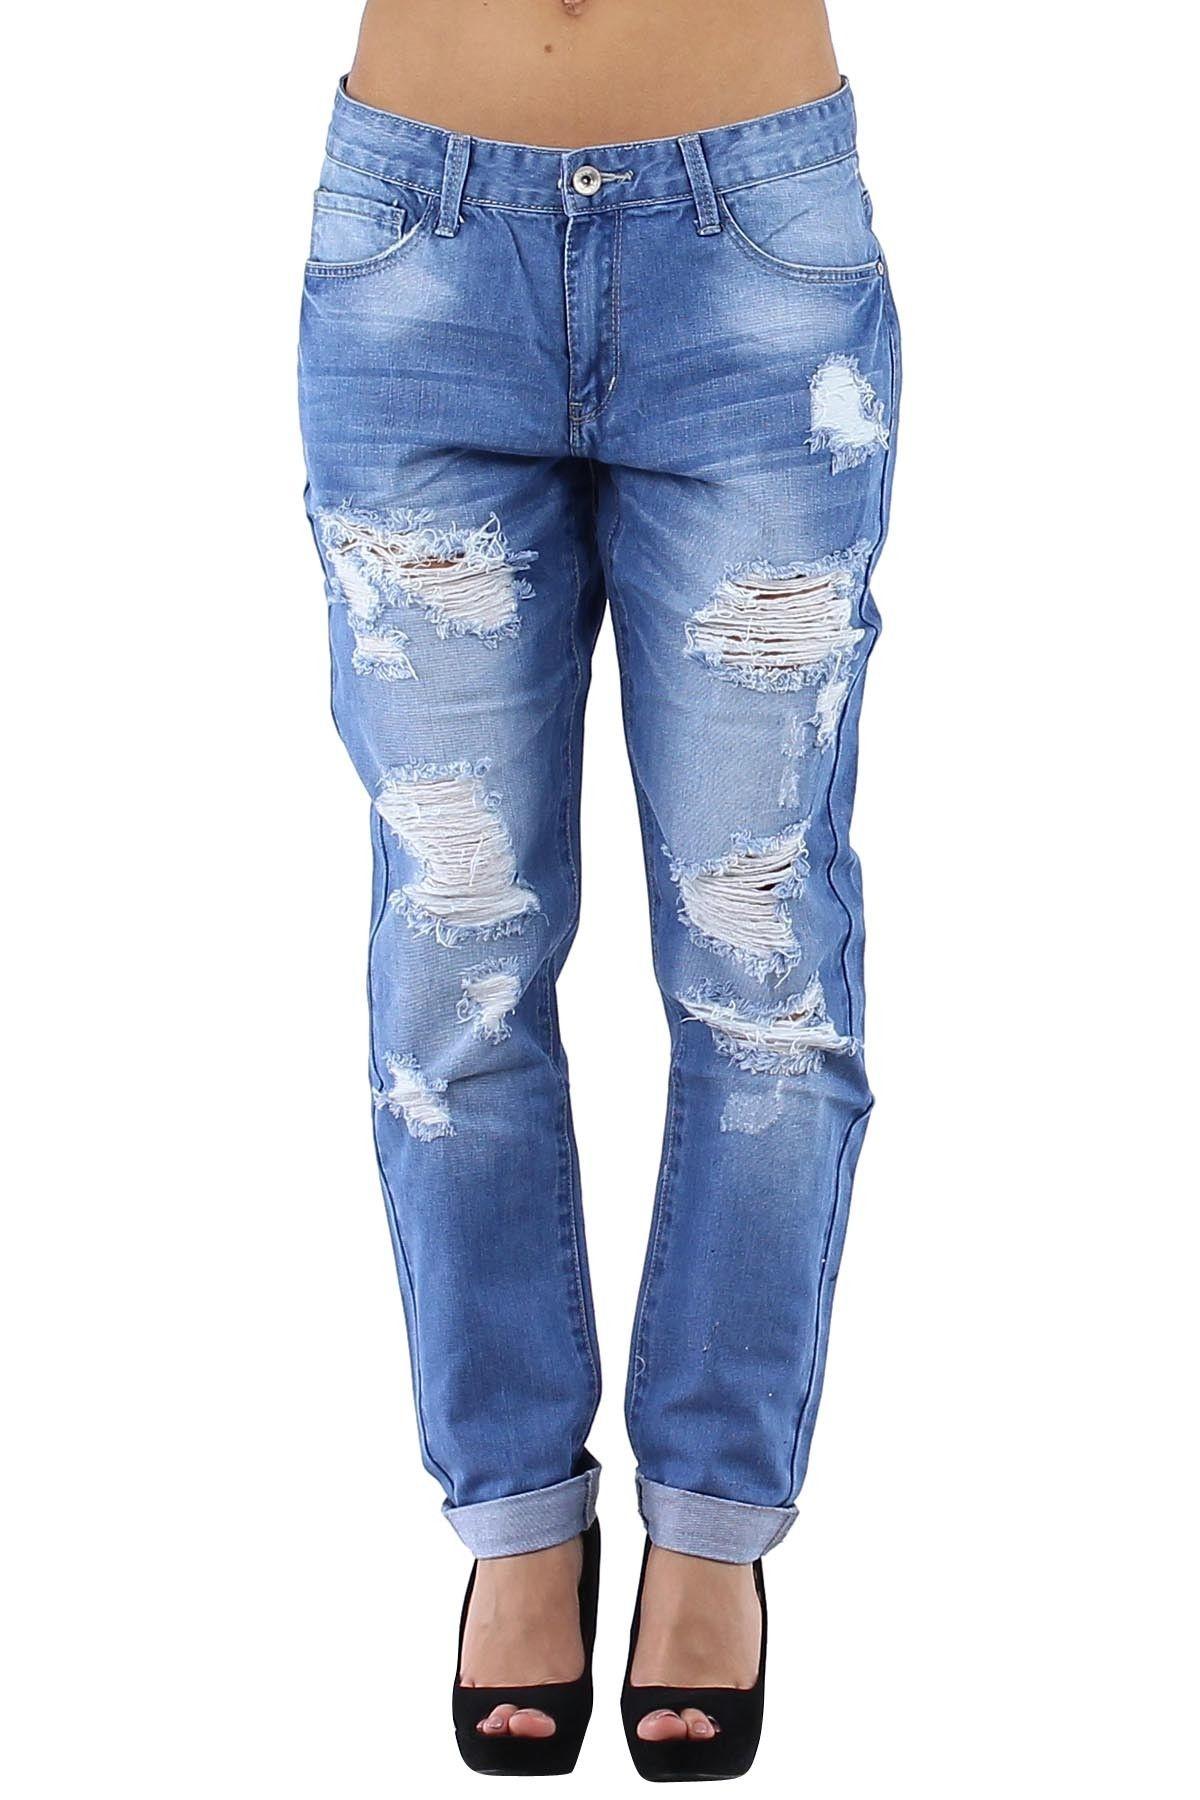 Pantalon Vaquero De Mujer Ancho Jeans Estilo Boyfriends Con Rotos Actuales Intueri Jeans Fashion Pants